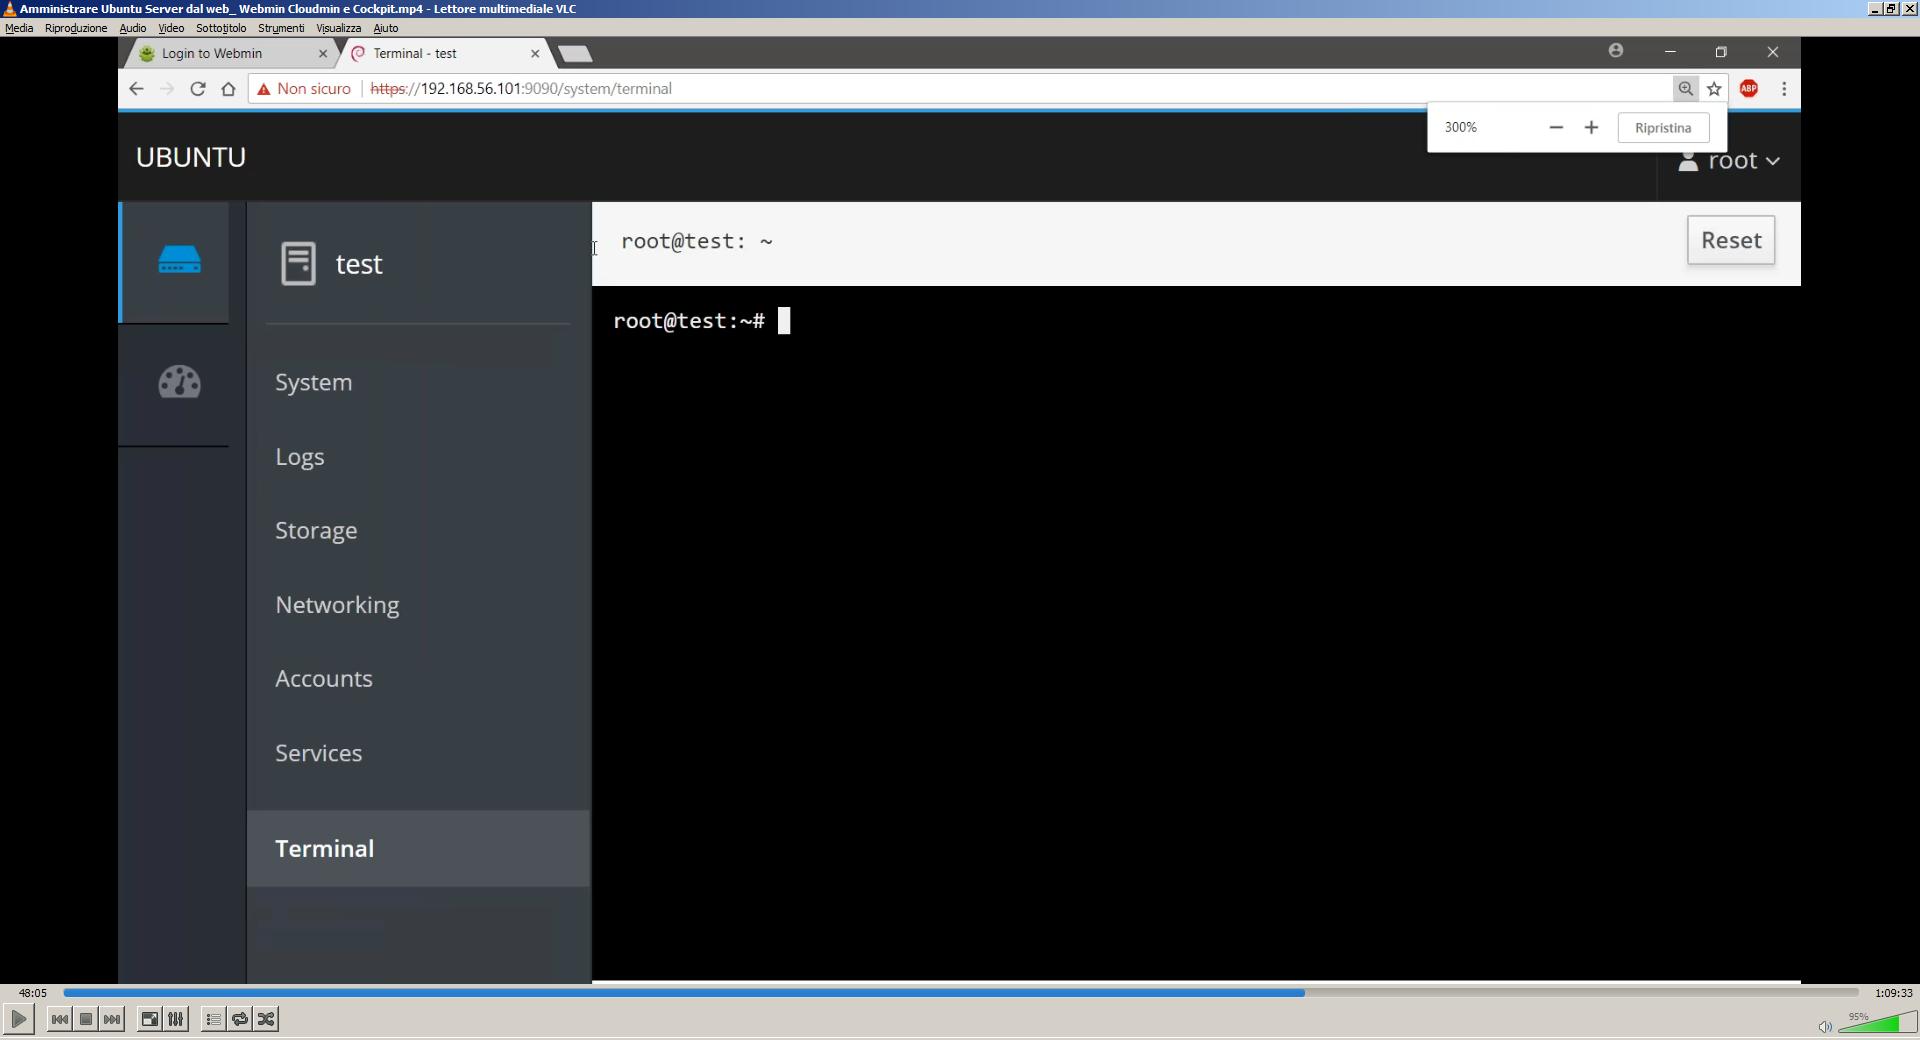 Amministrare Ubuntu Server da web con Webmin e Cockpit